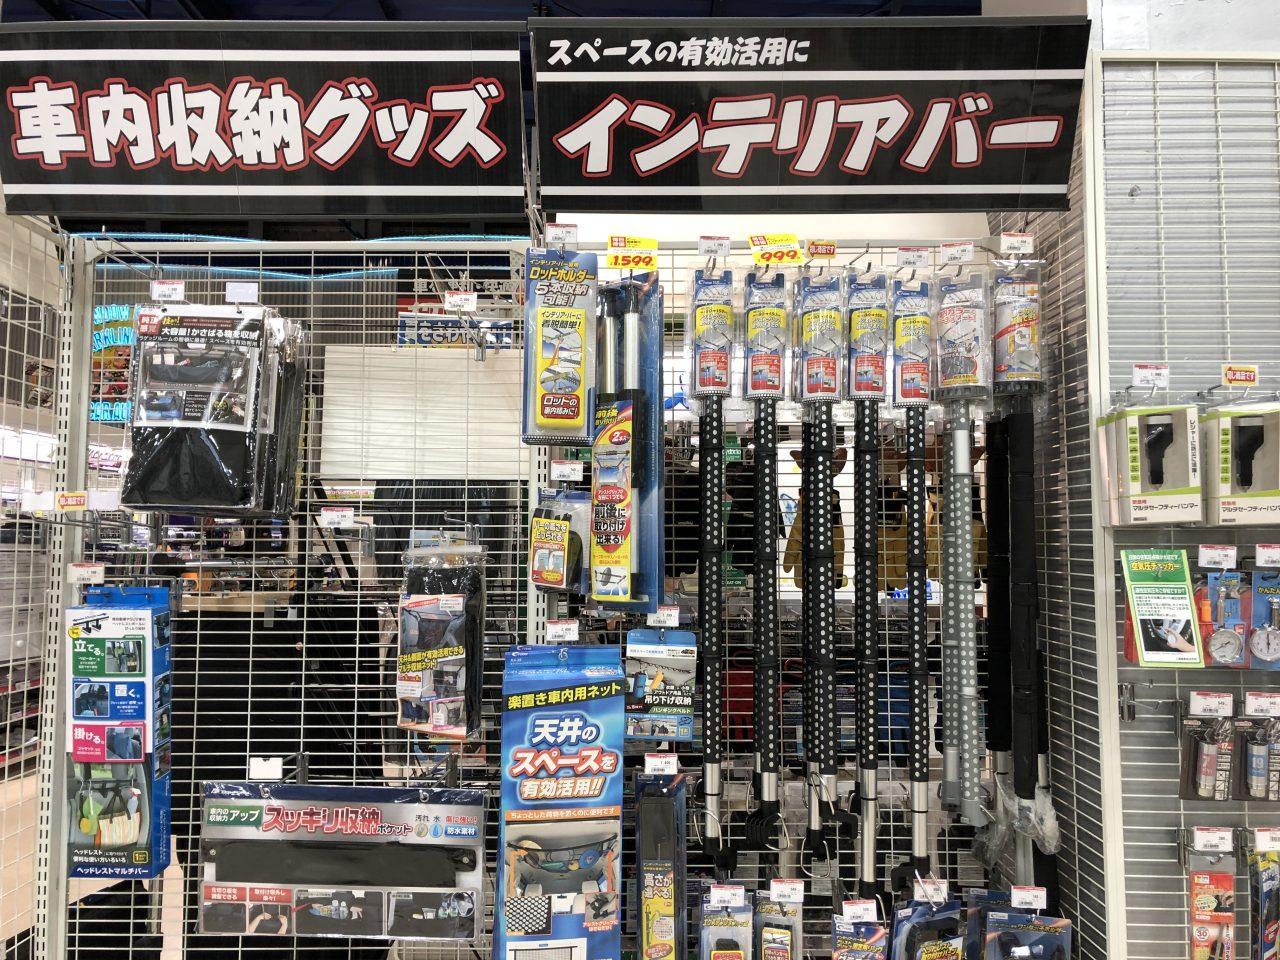 カー用品店で売っているインテリアバー